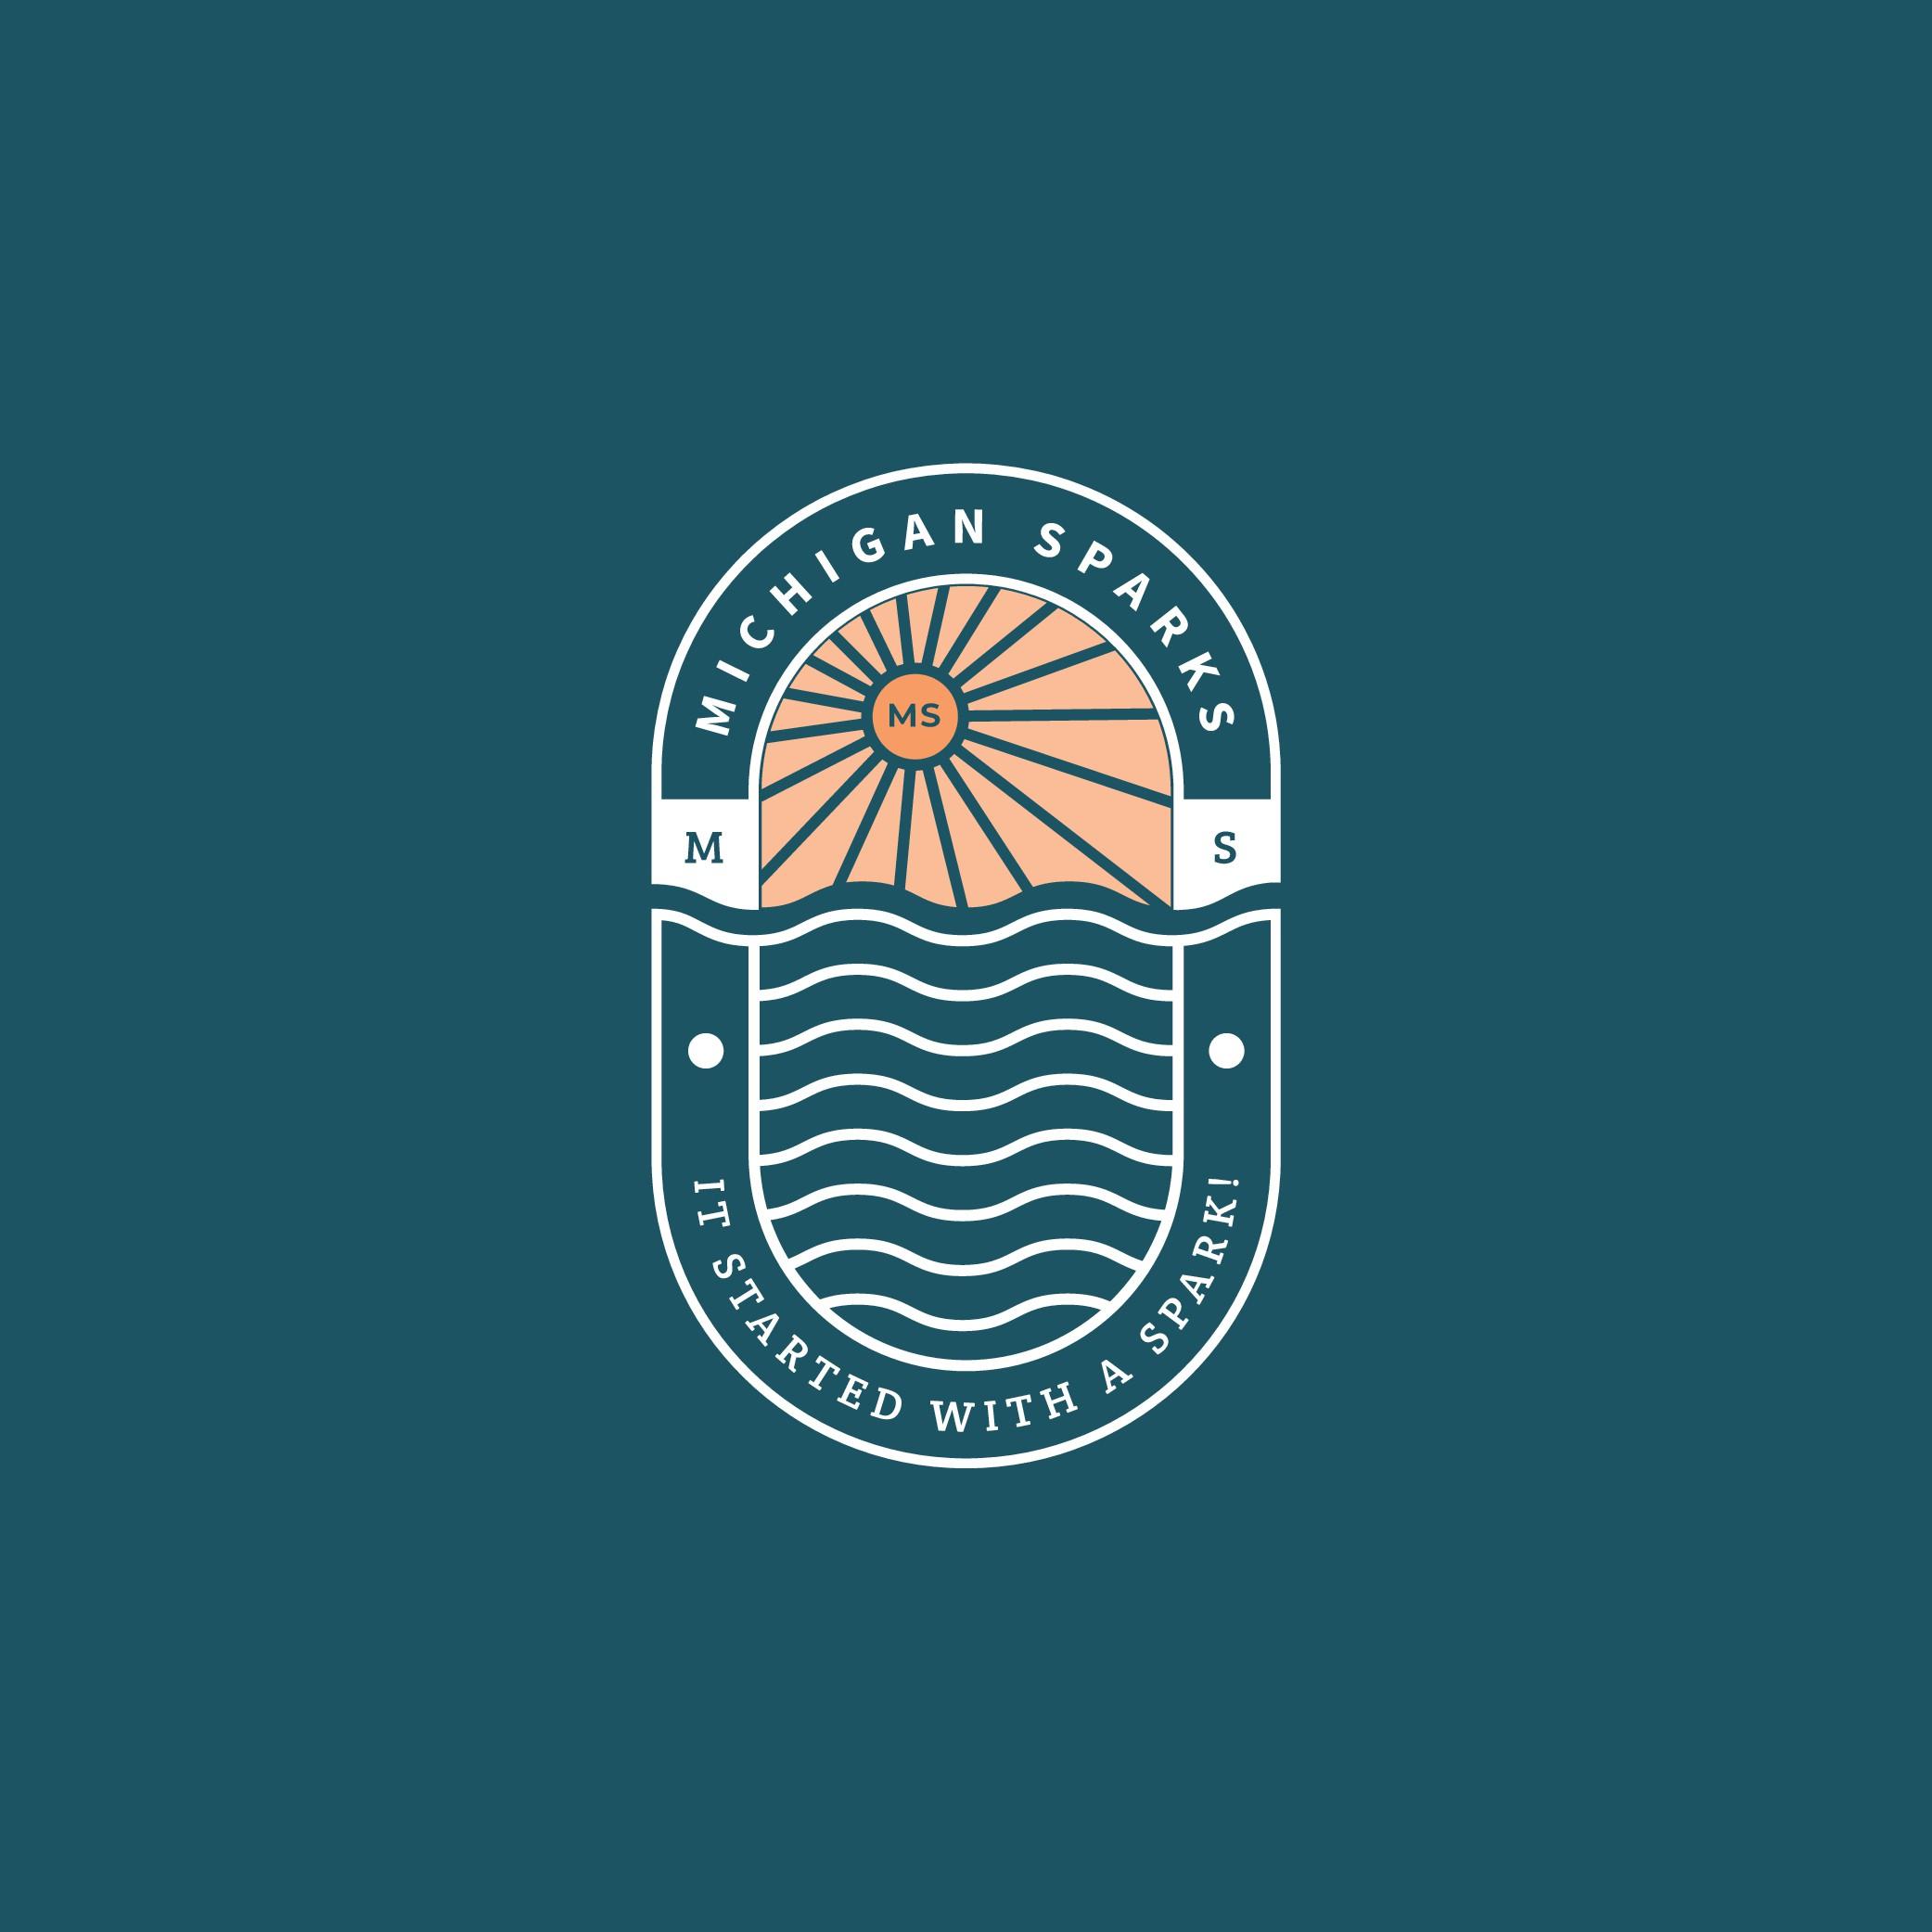 Design a fresh logo for a Michigan based, custom home & wedding decor company